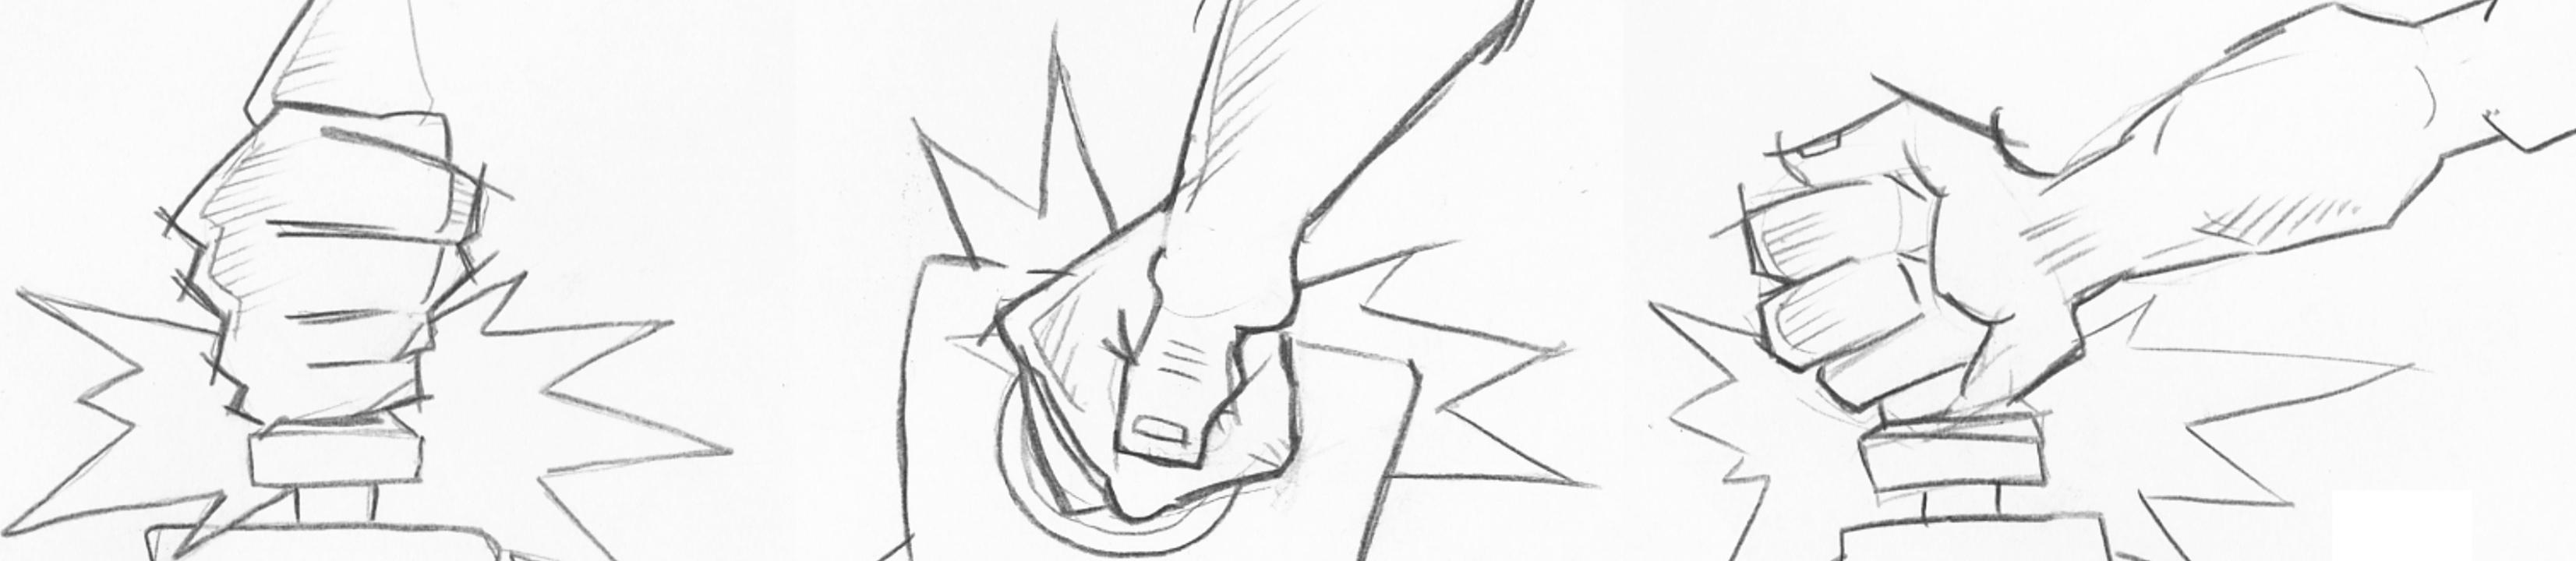 Entscheiden_Storyboard_05